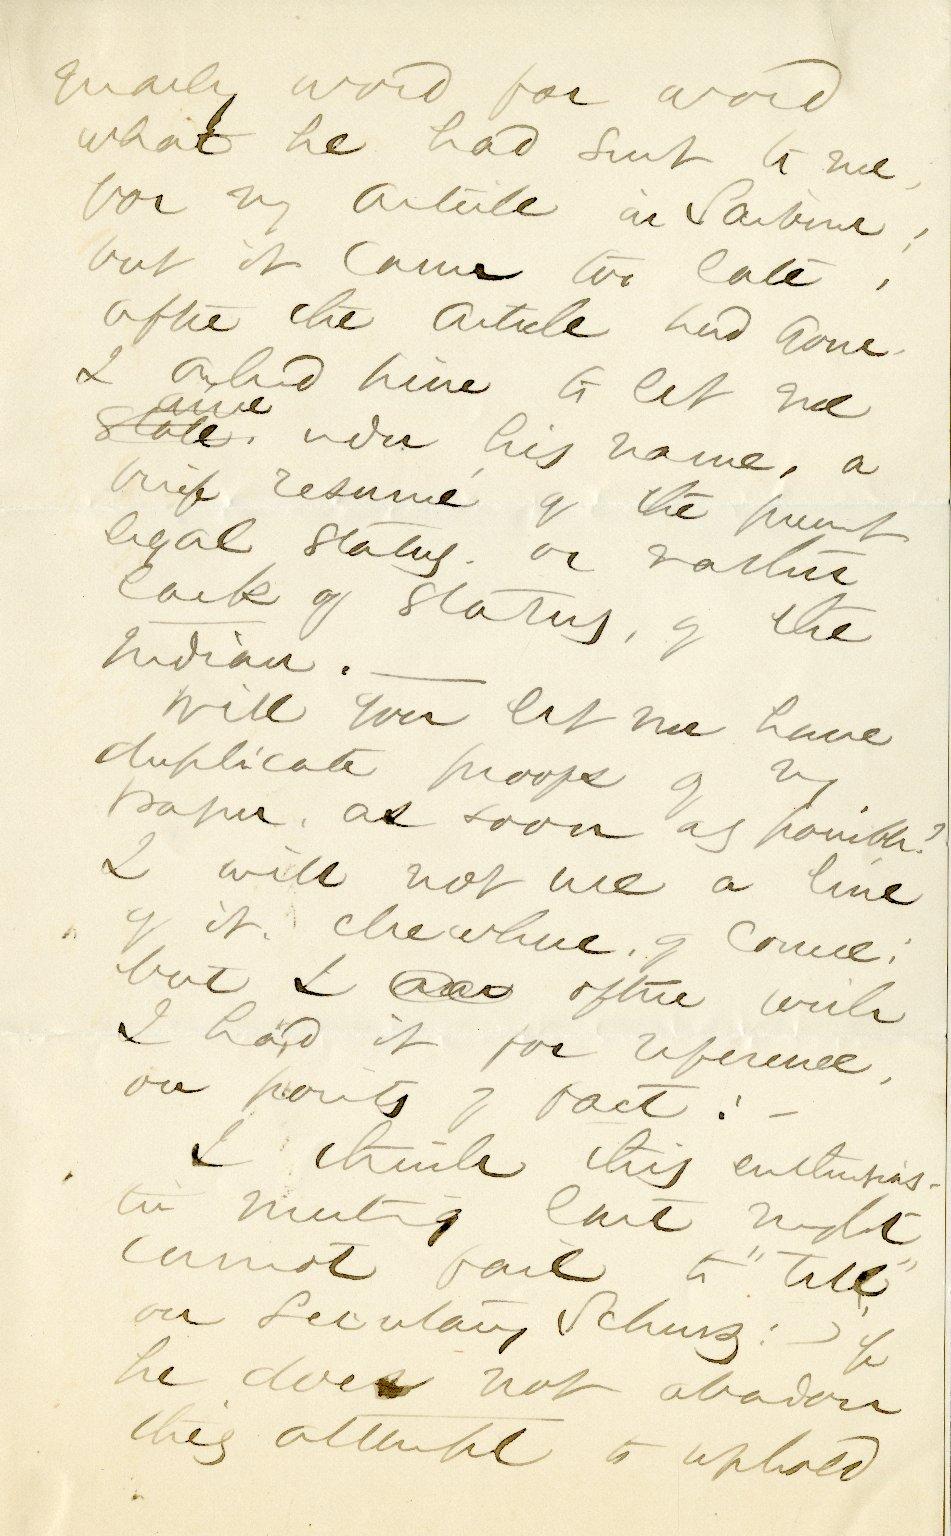 Jackson, Helen Hunt. ALS, 2 1/2 pages, [Spring 1880].